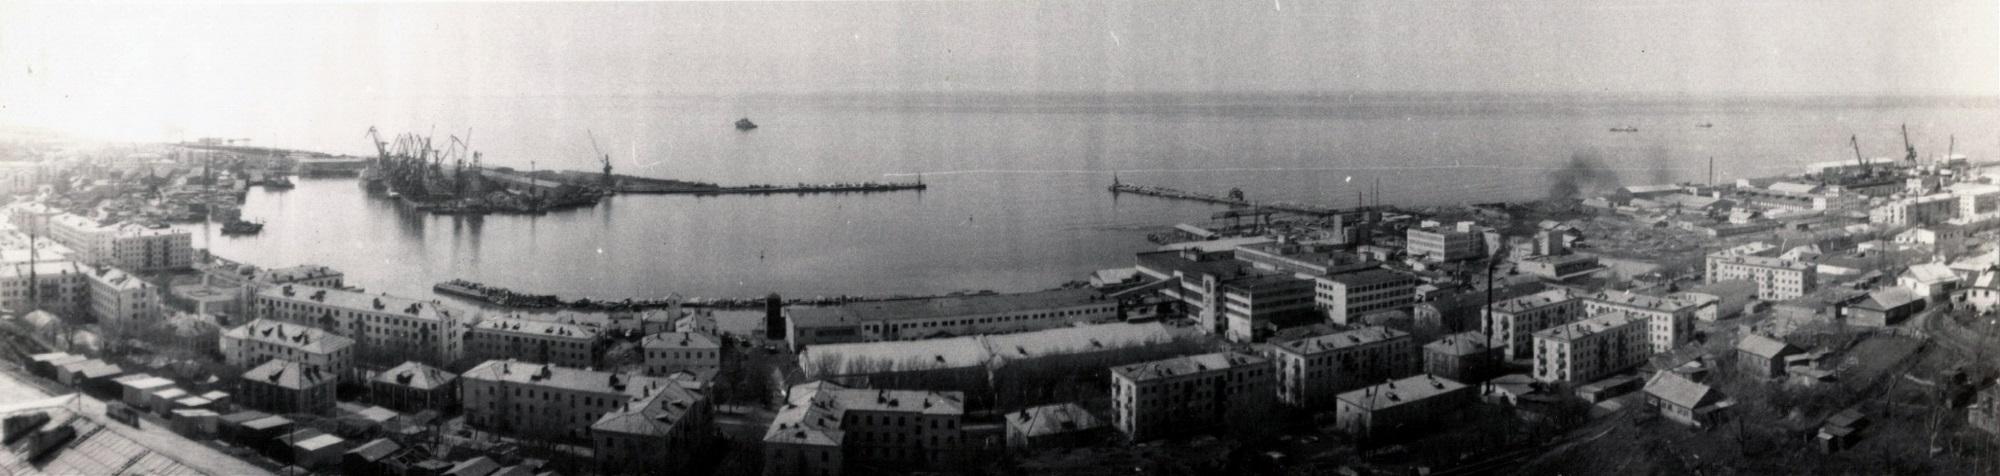 Панорама порта города Холмск